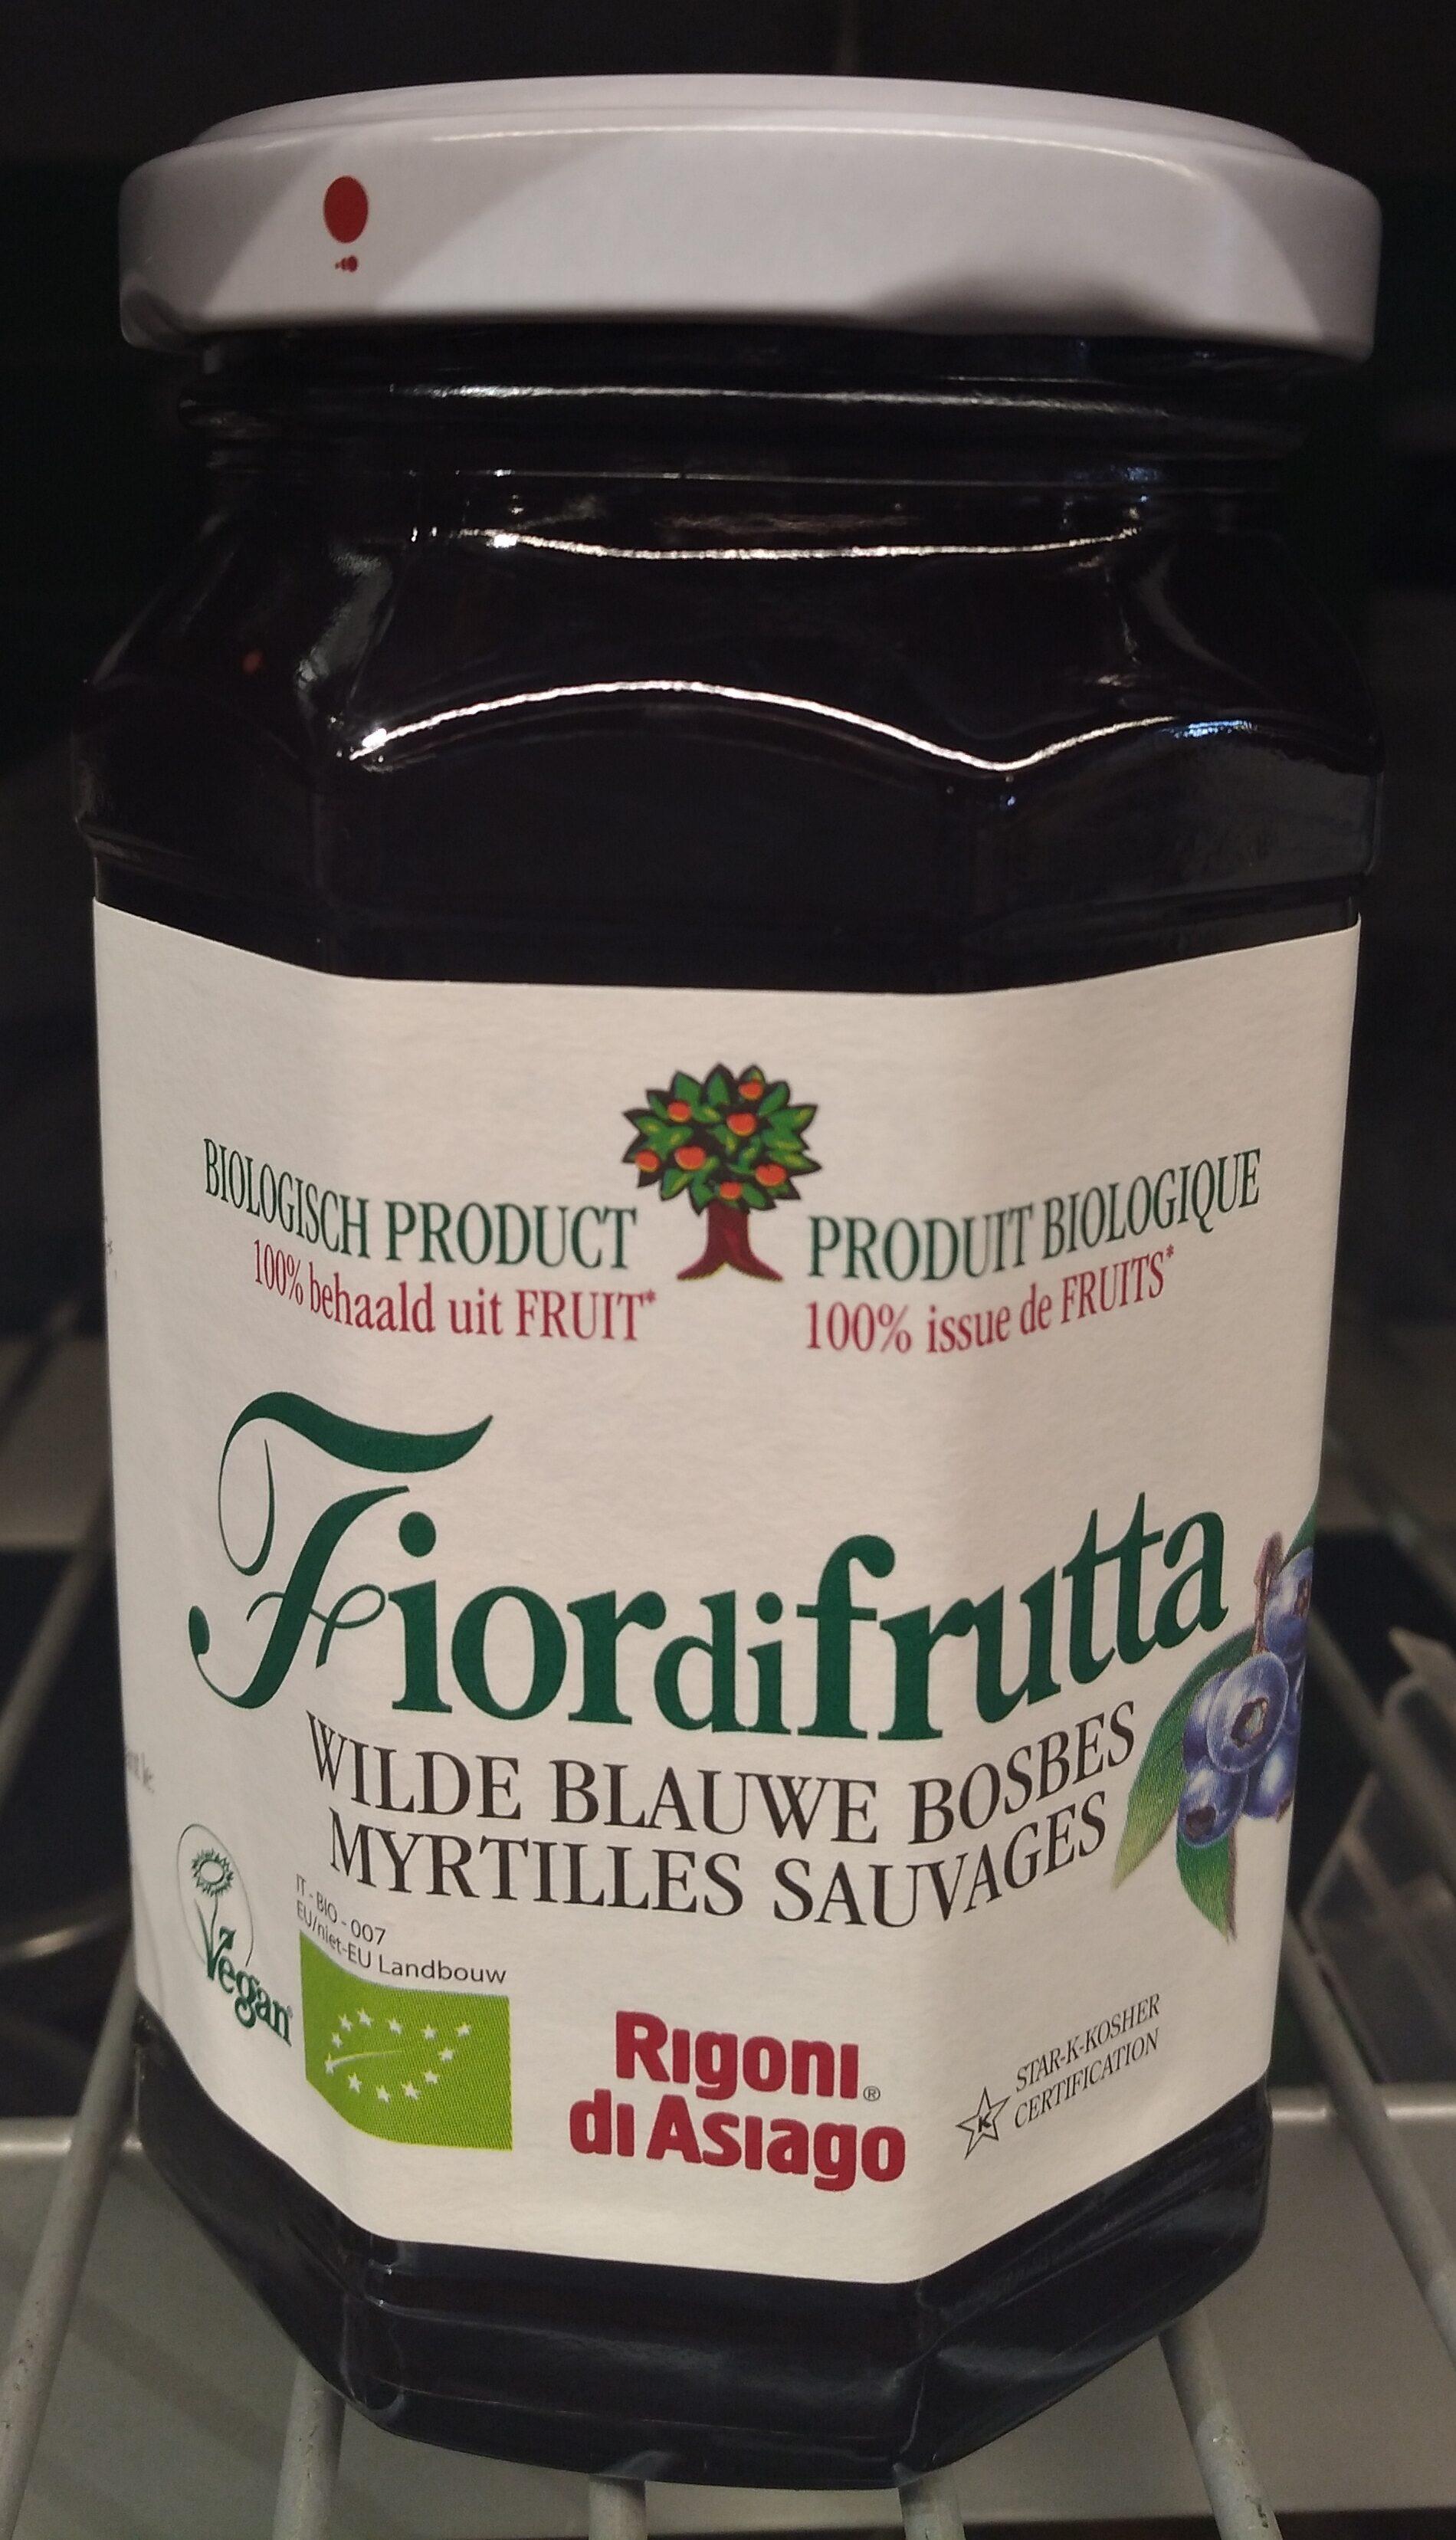 Fiordi di frutta - Product - en